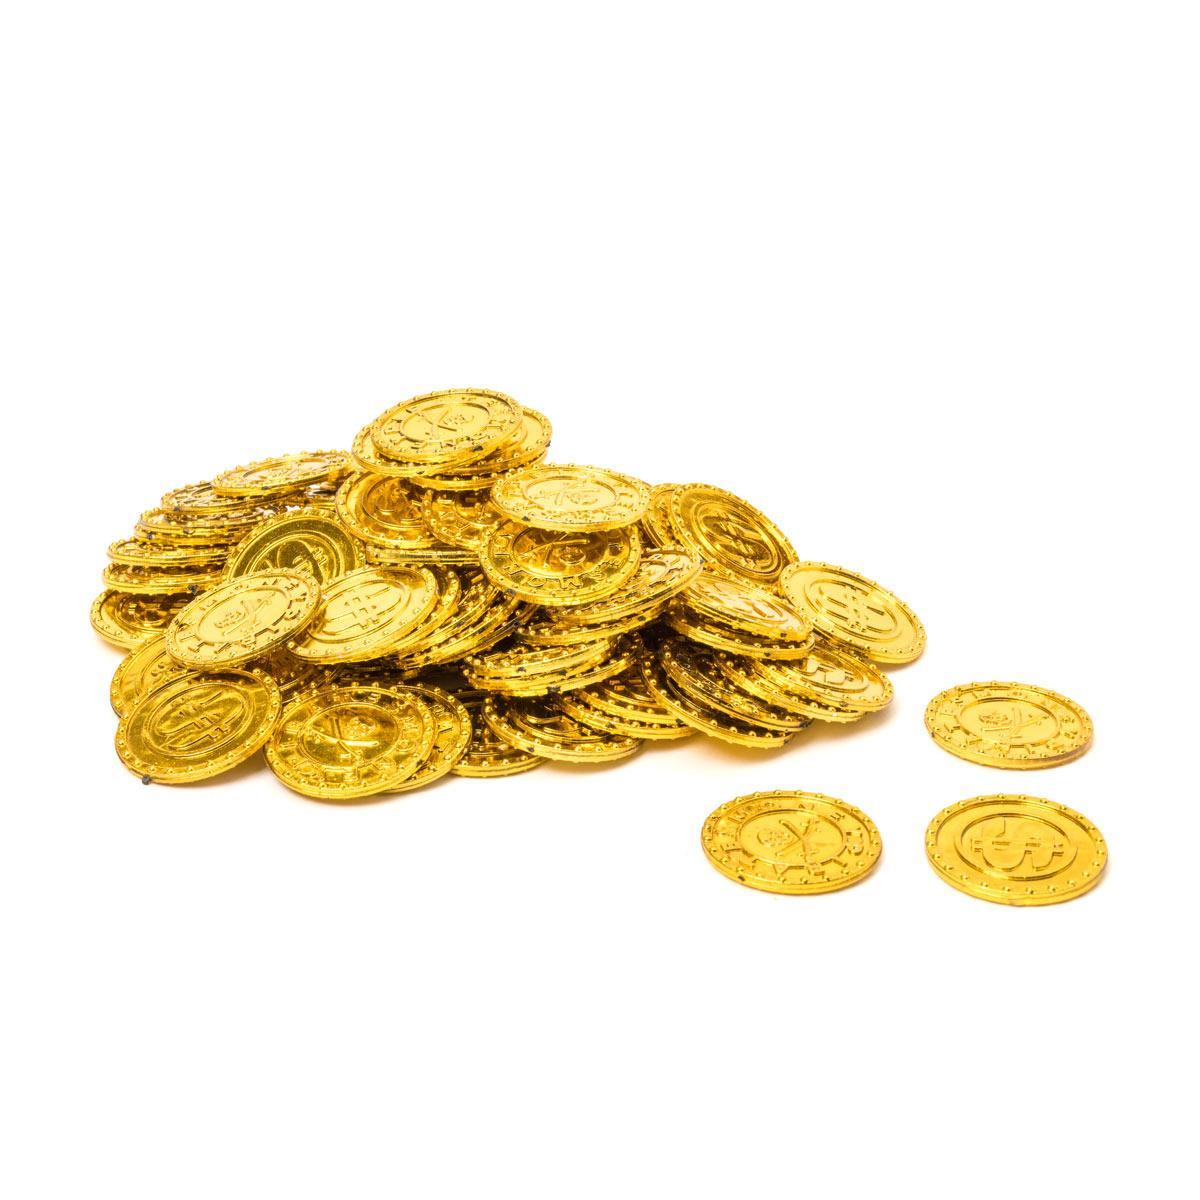 Trésor 100 pièces d'or